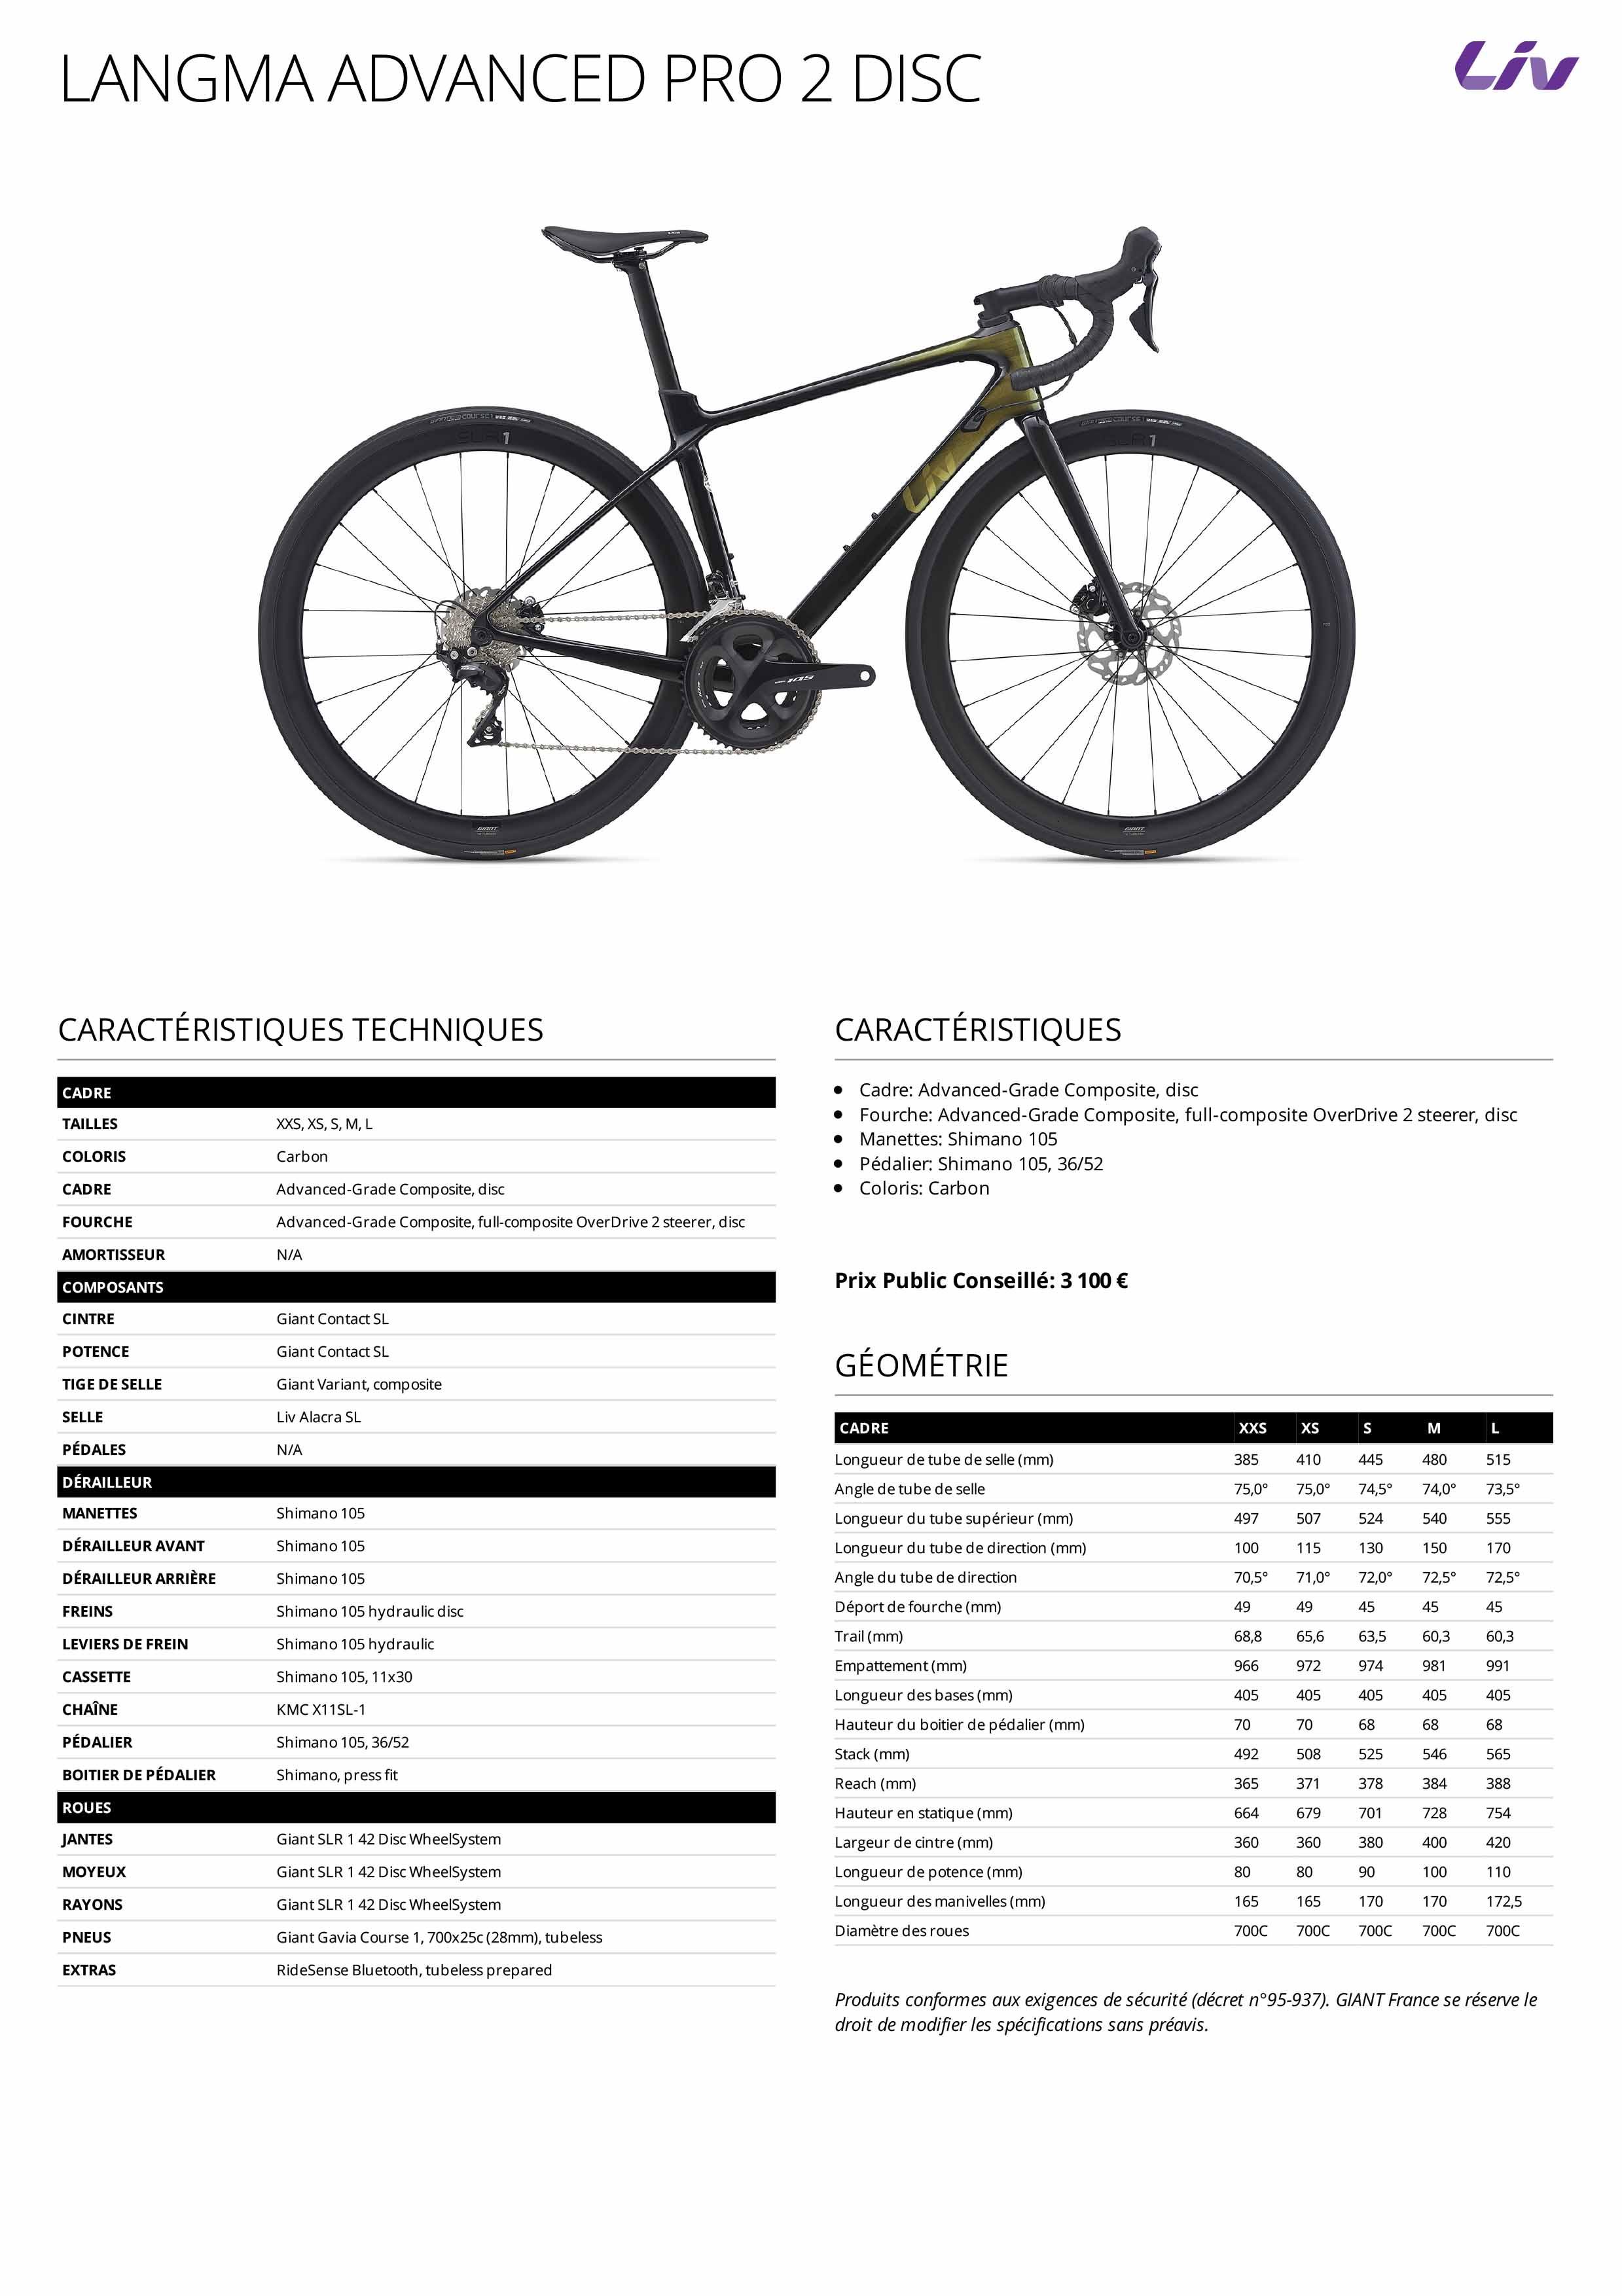 Fiche technique vélo LIV Langma Advanced Pro 2 Disc 2021